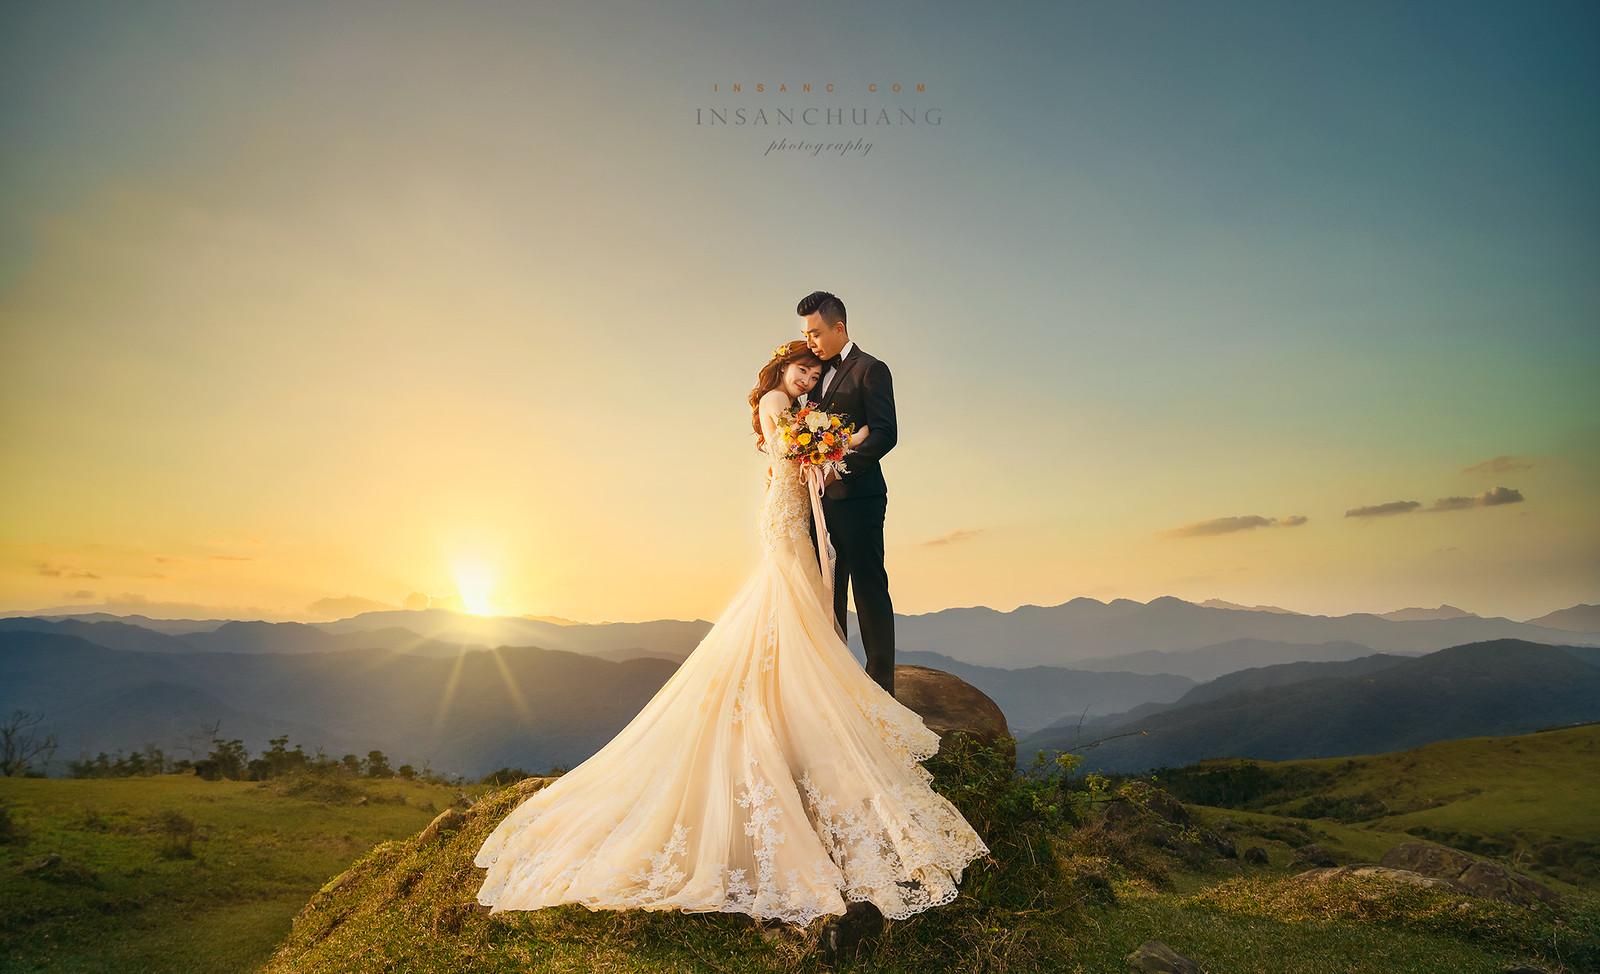 婚攝英聖婚紗photo-20200107171041-1920